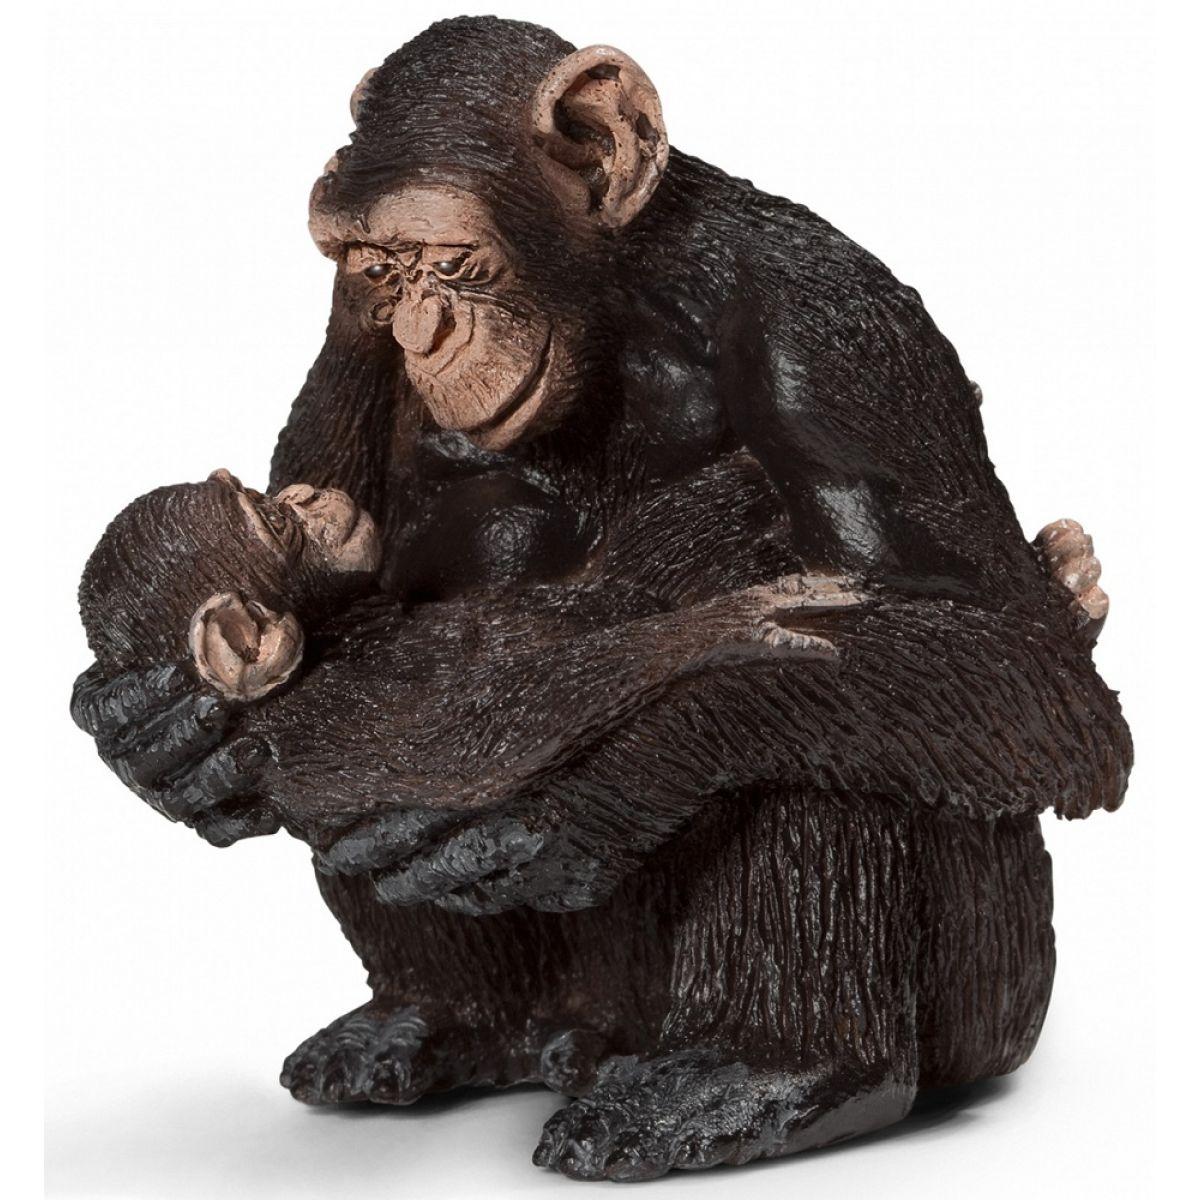 Schleich 14679 Samice šimpanze s mládětem